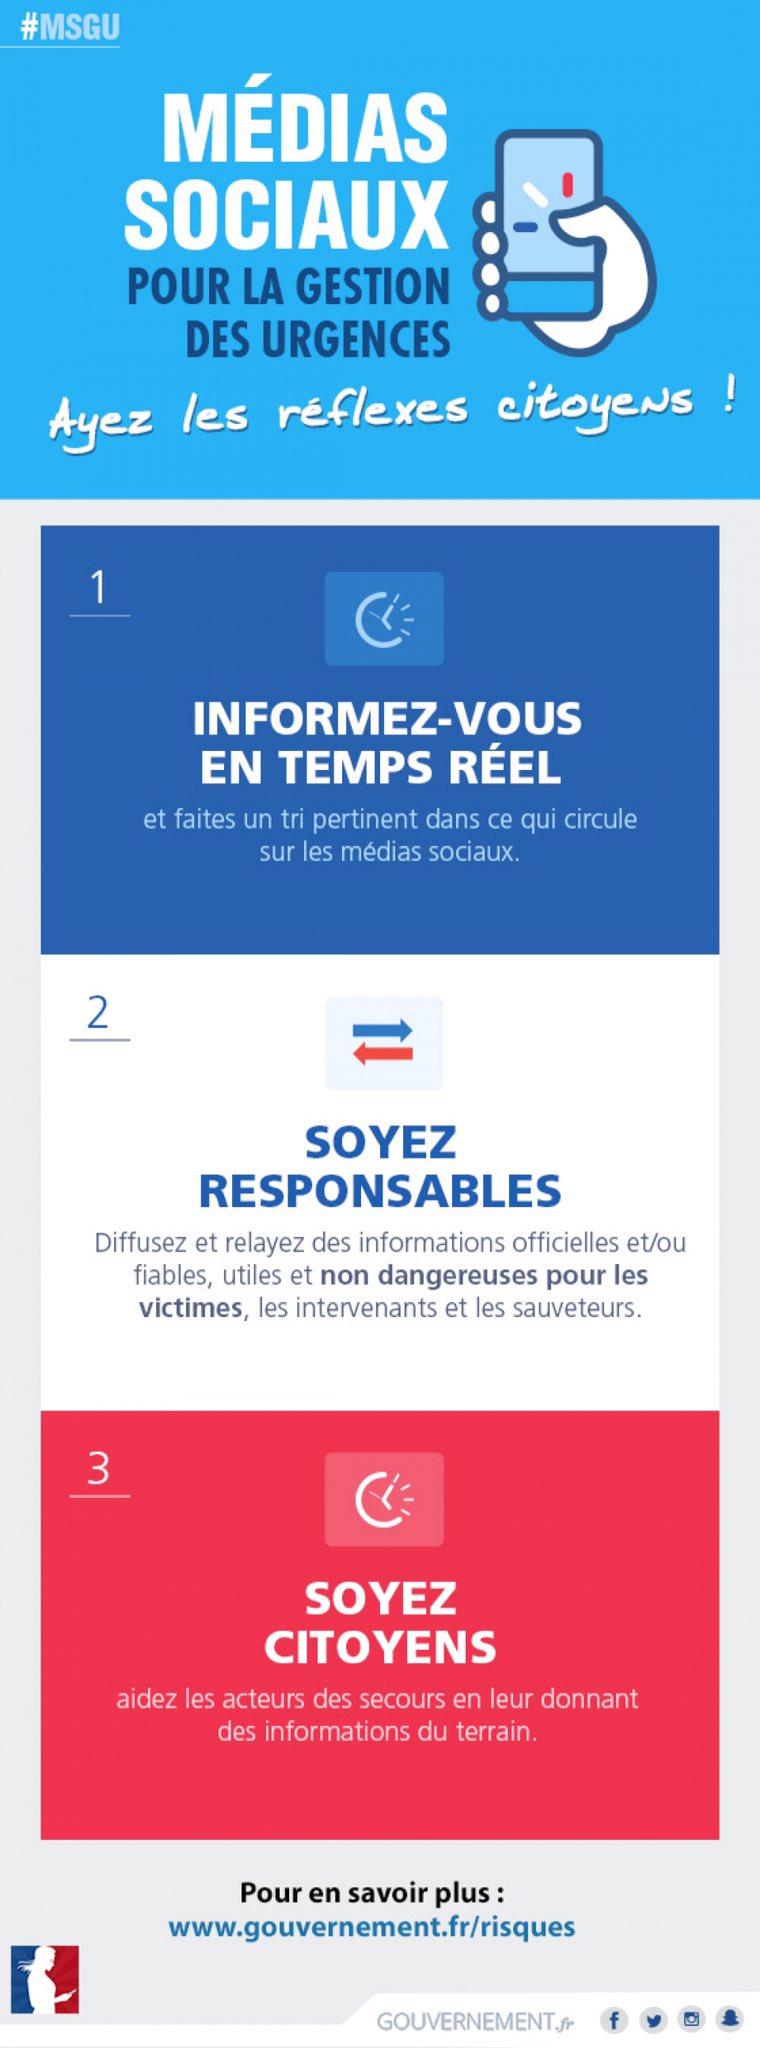 #Nice06 Ne propagez pas de rumeurs, ne diffusez que des infos officielles Ne téléphonez qu'en cas d'urgence vitale https://t.co/ripi5973d0